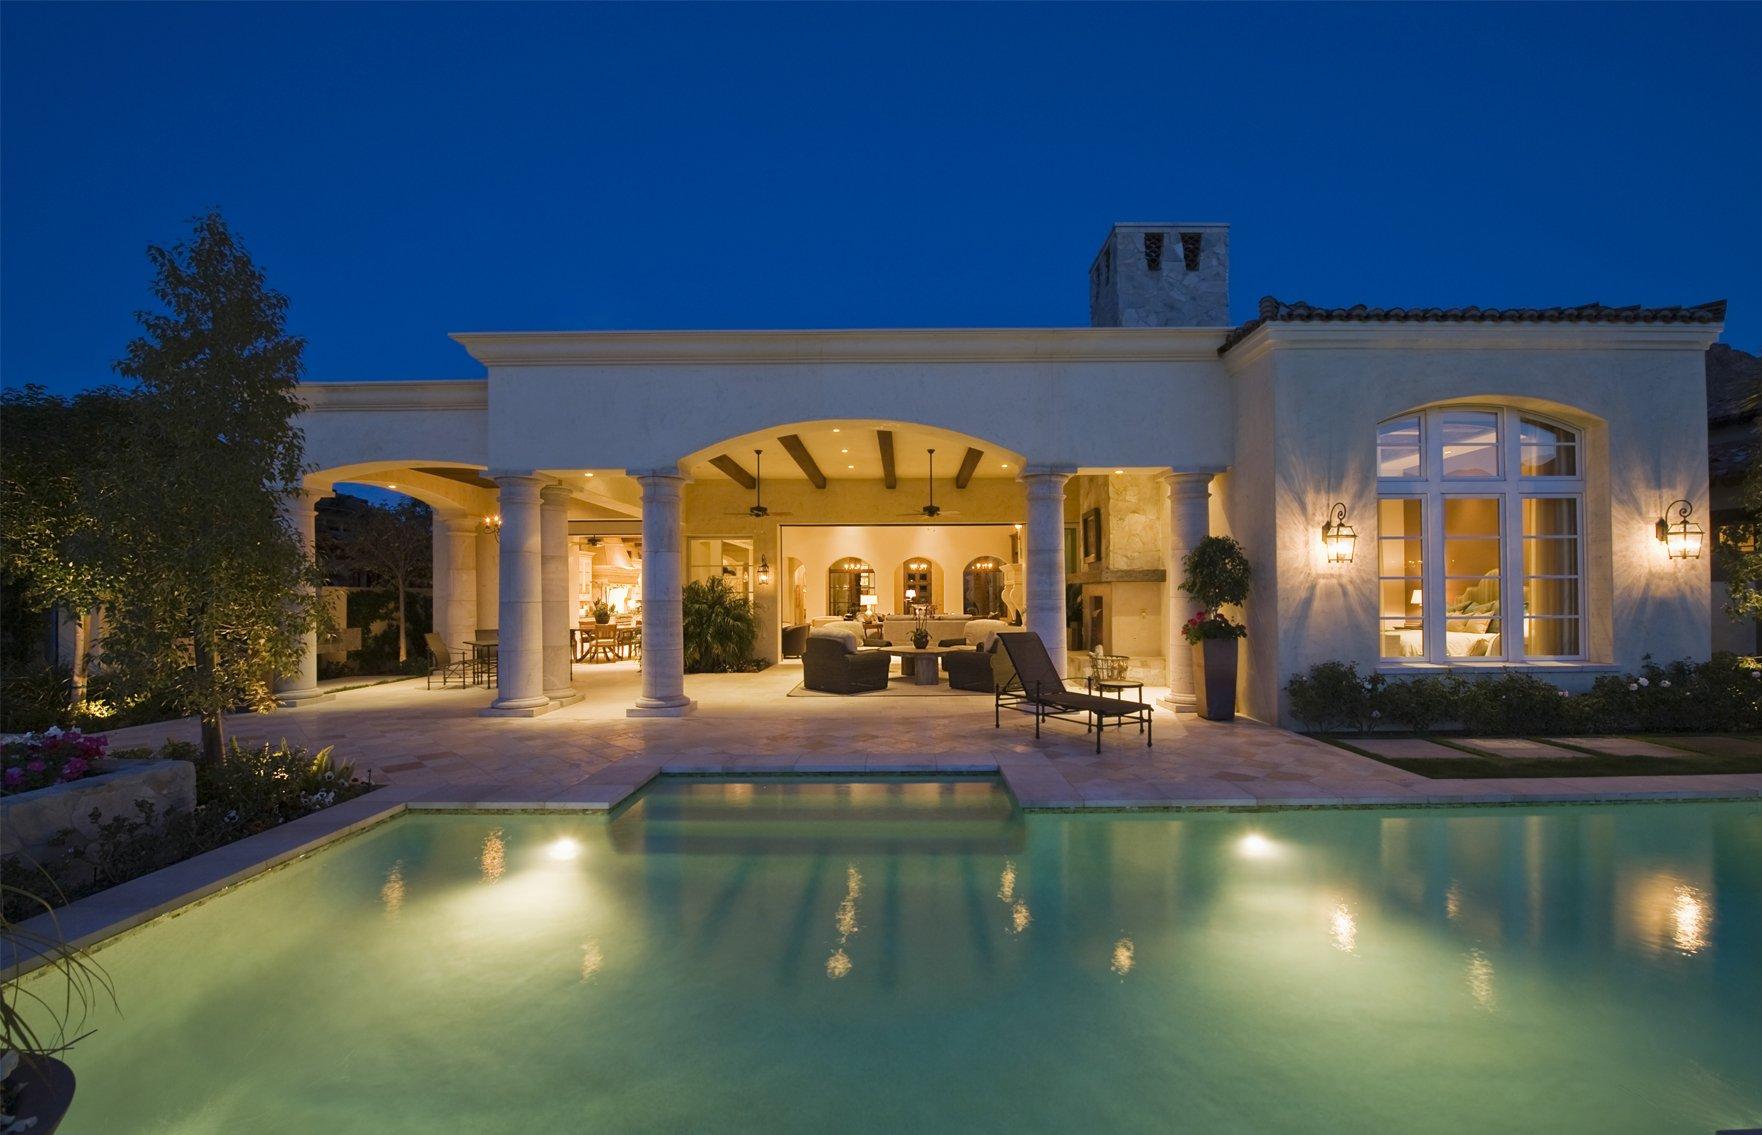 Villa oder Wohnung auf Mallorca kaufen - Platin Immobilien AG